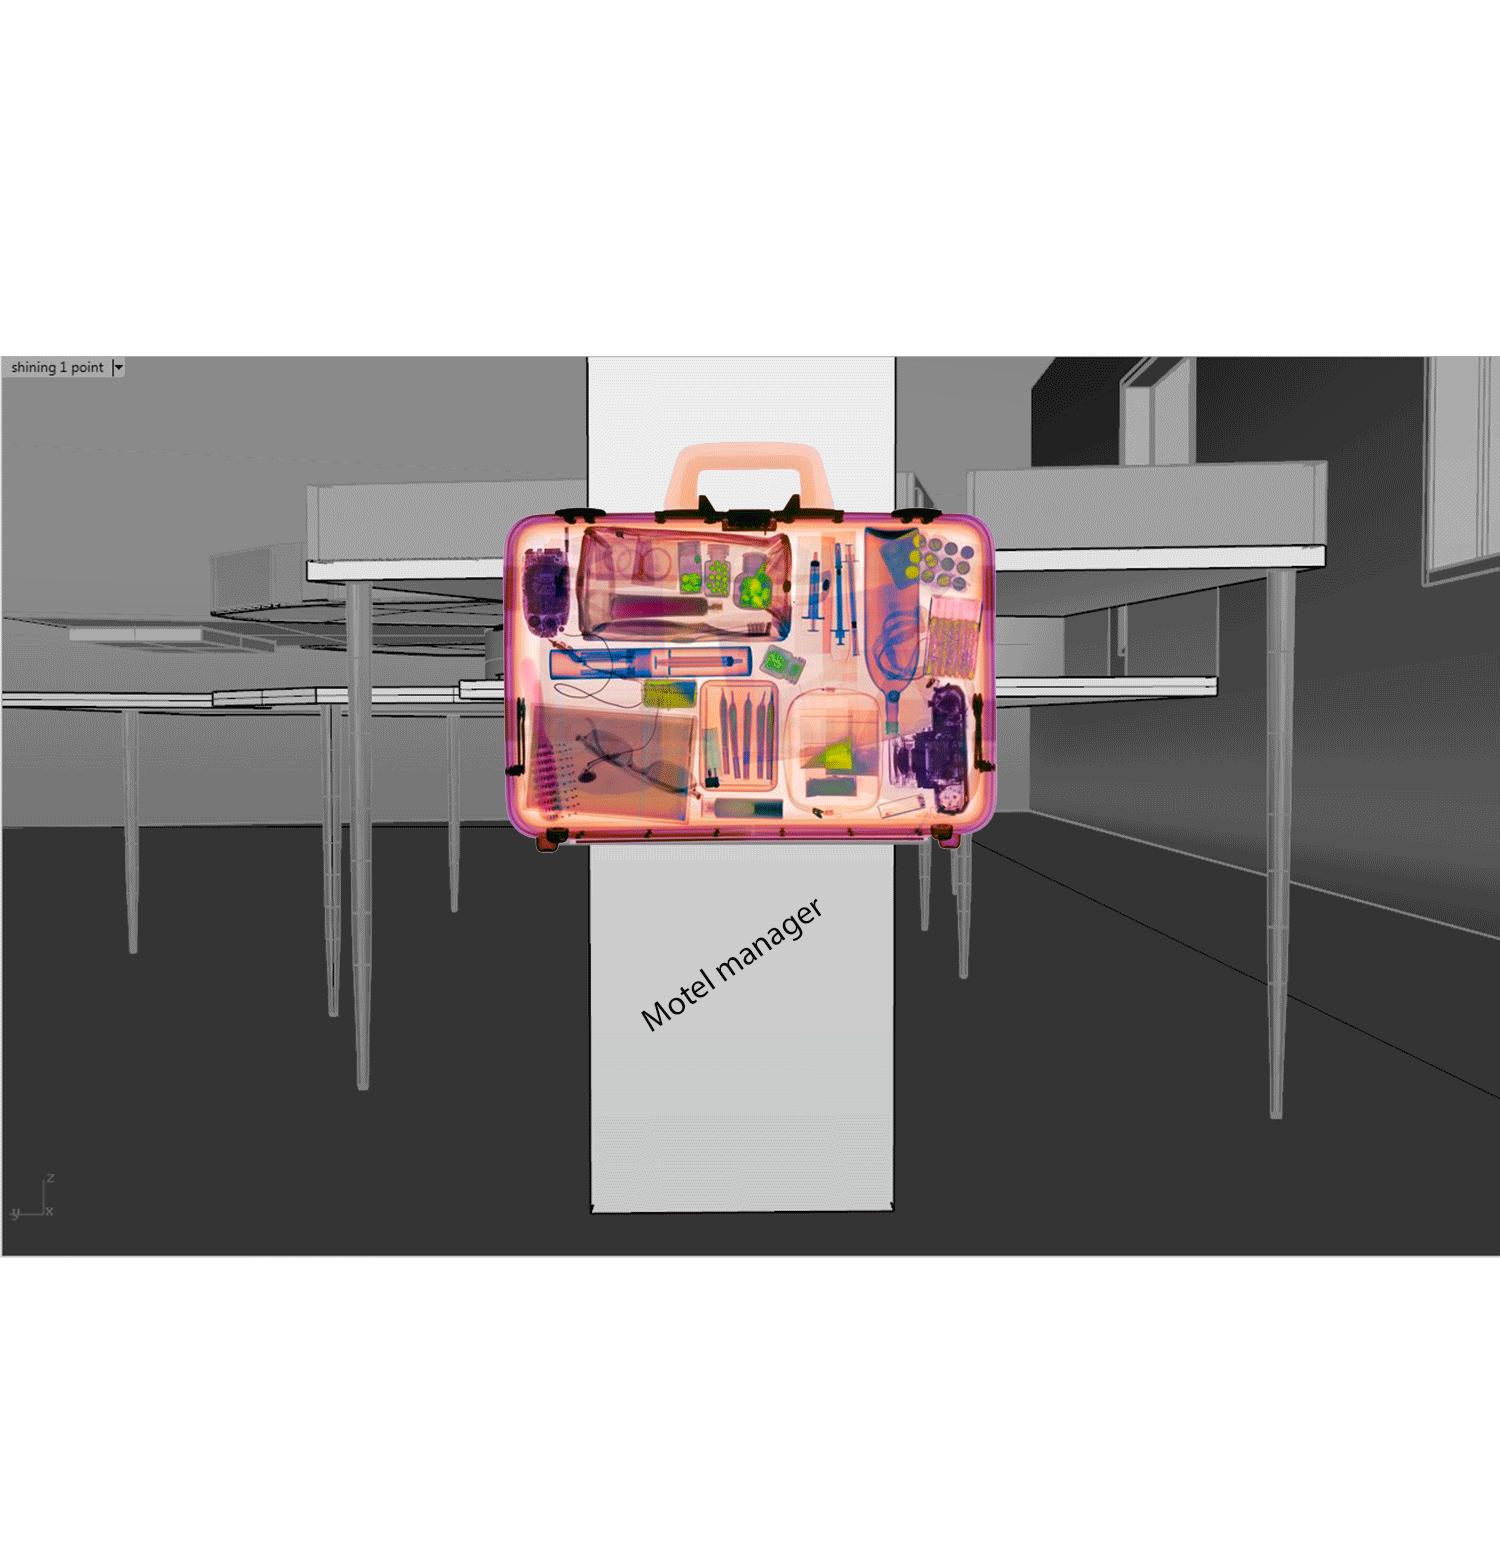 170515-frontdesk-render